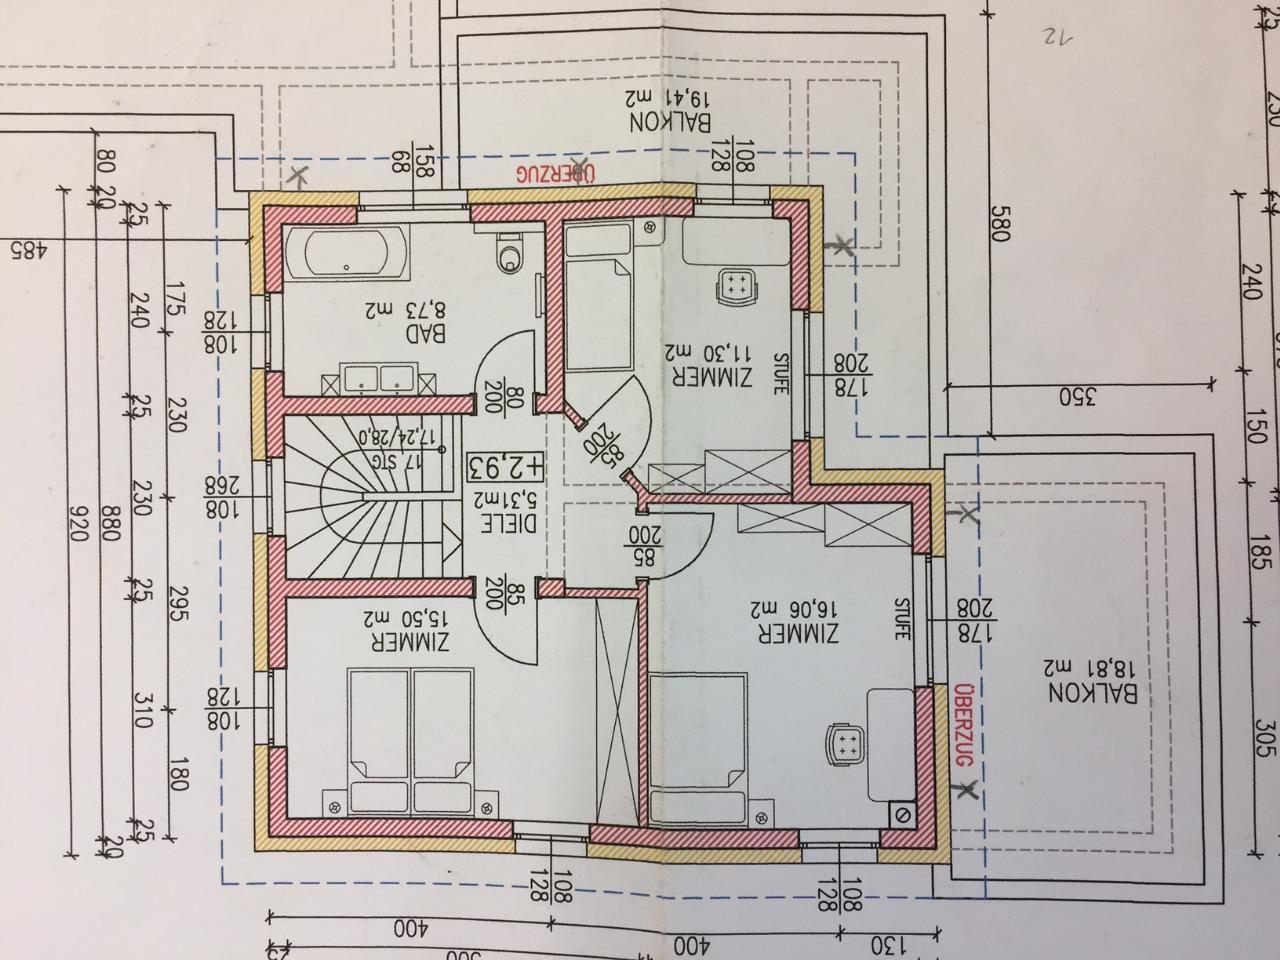 KNX Selbstinstallation TEILE - Seite 3 | Bauforum auf energiesparhaus.at